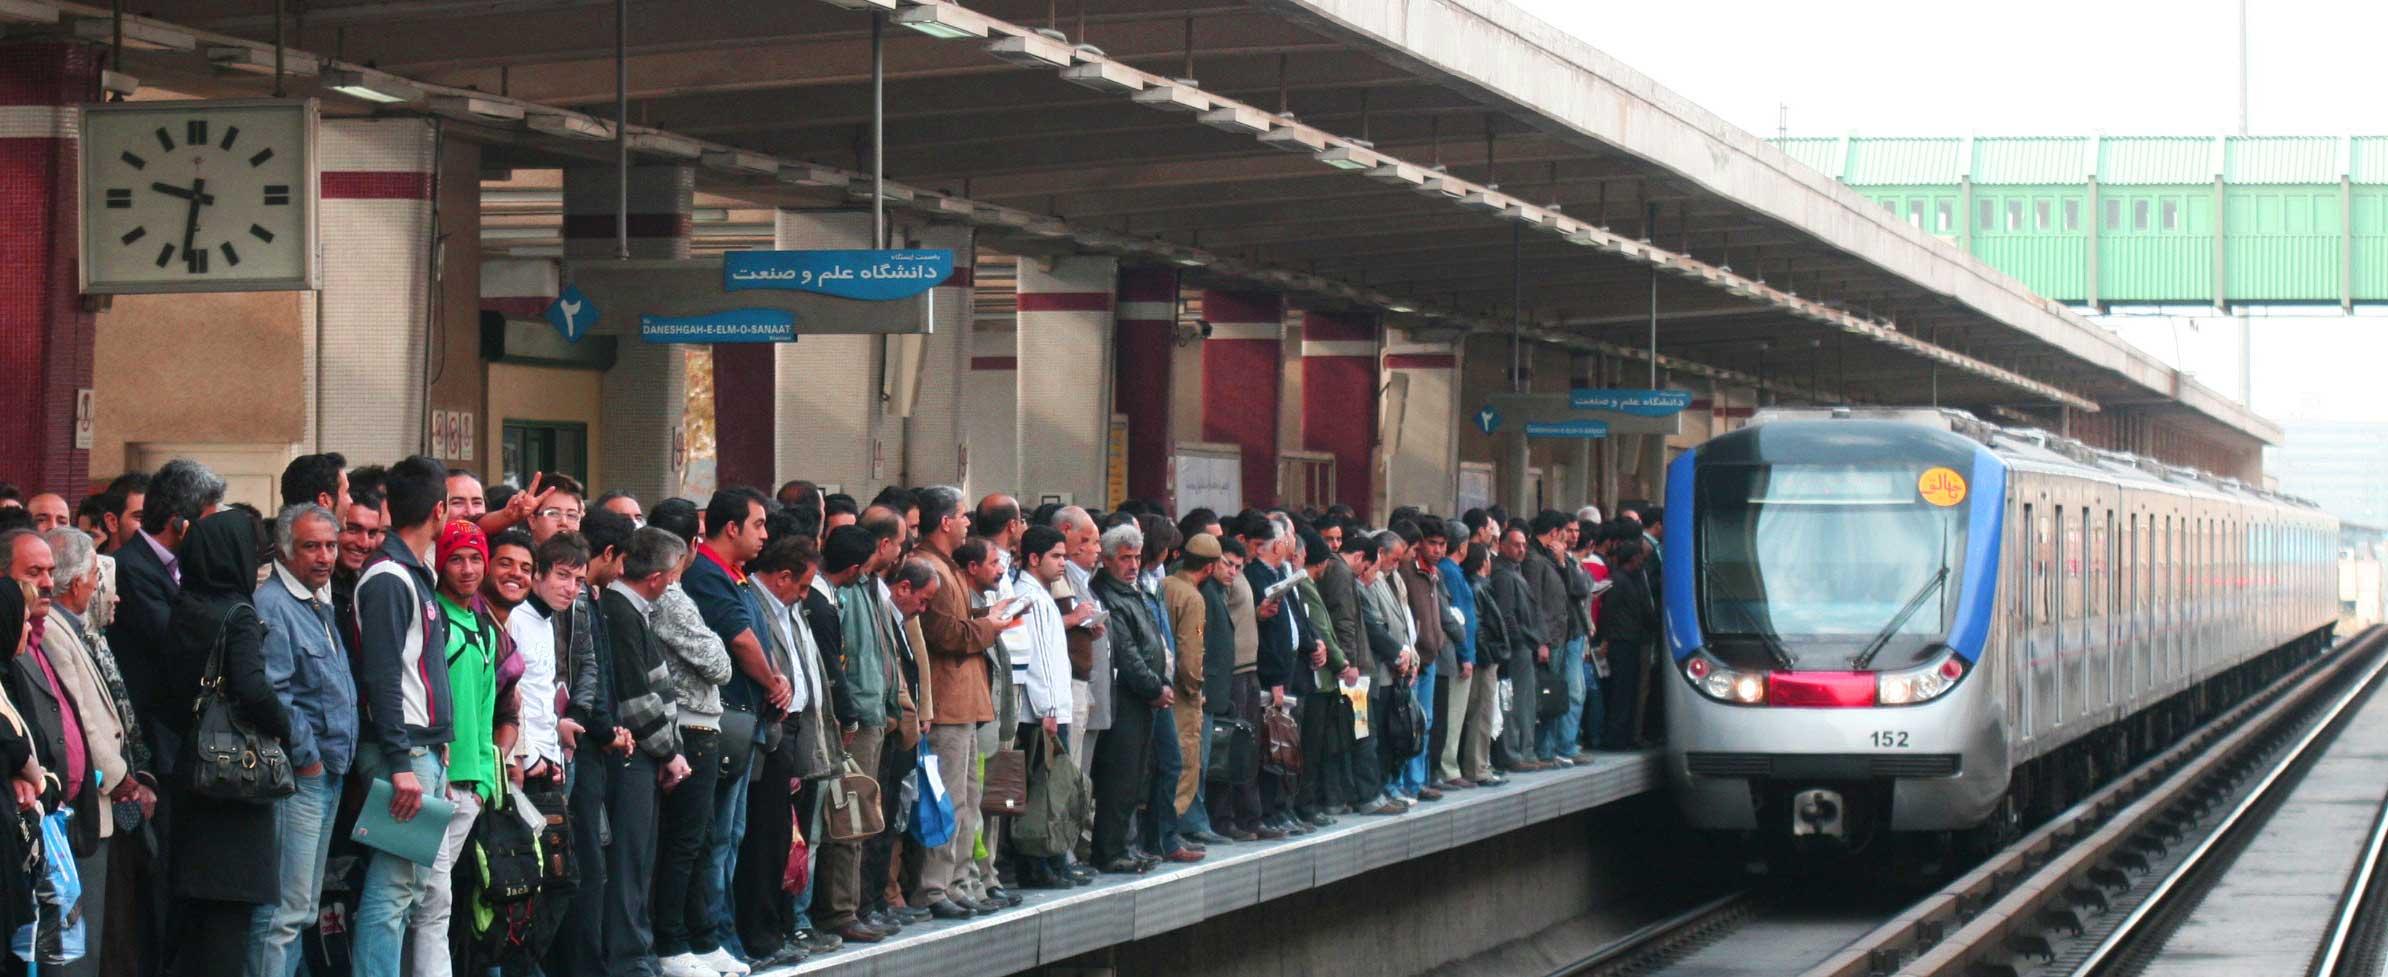 زمزمه واگذاری مترو به خصولتیها با نظریه بلیط 10 هزار تومانی